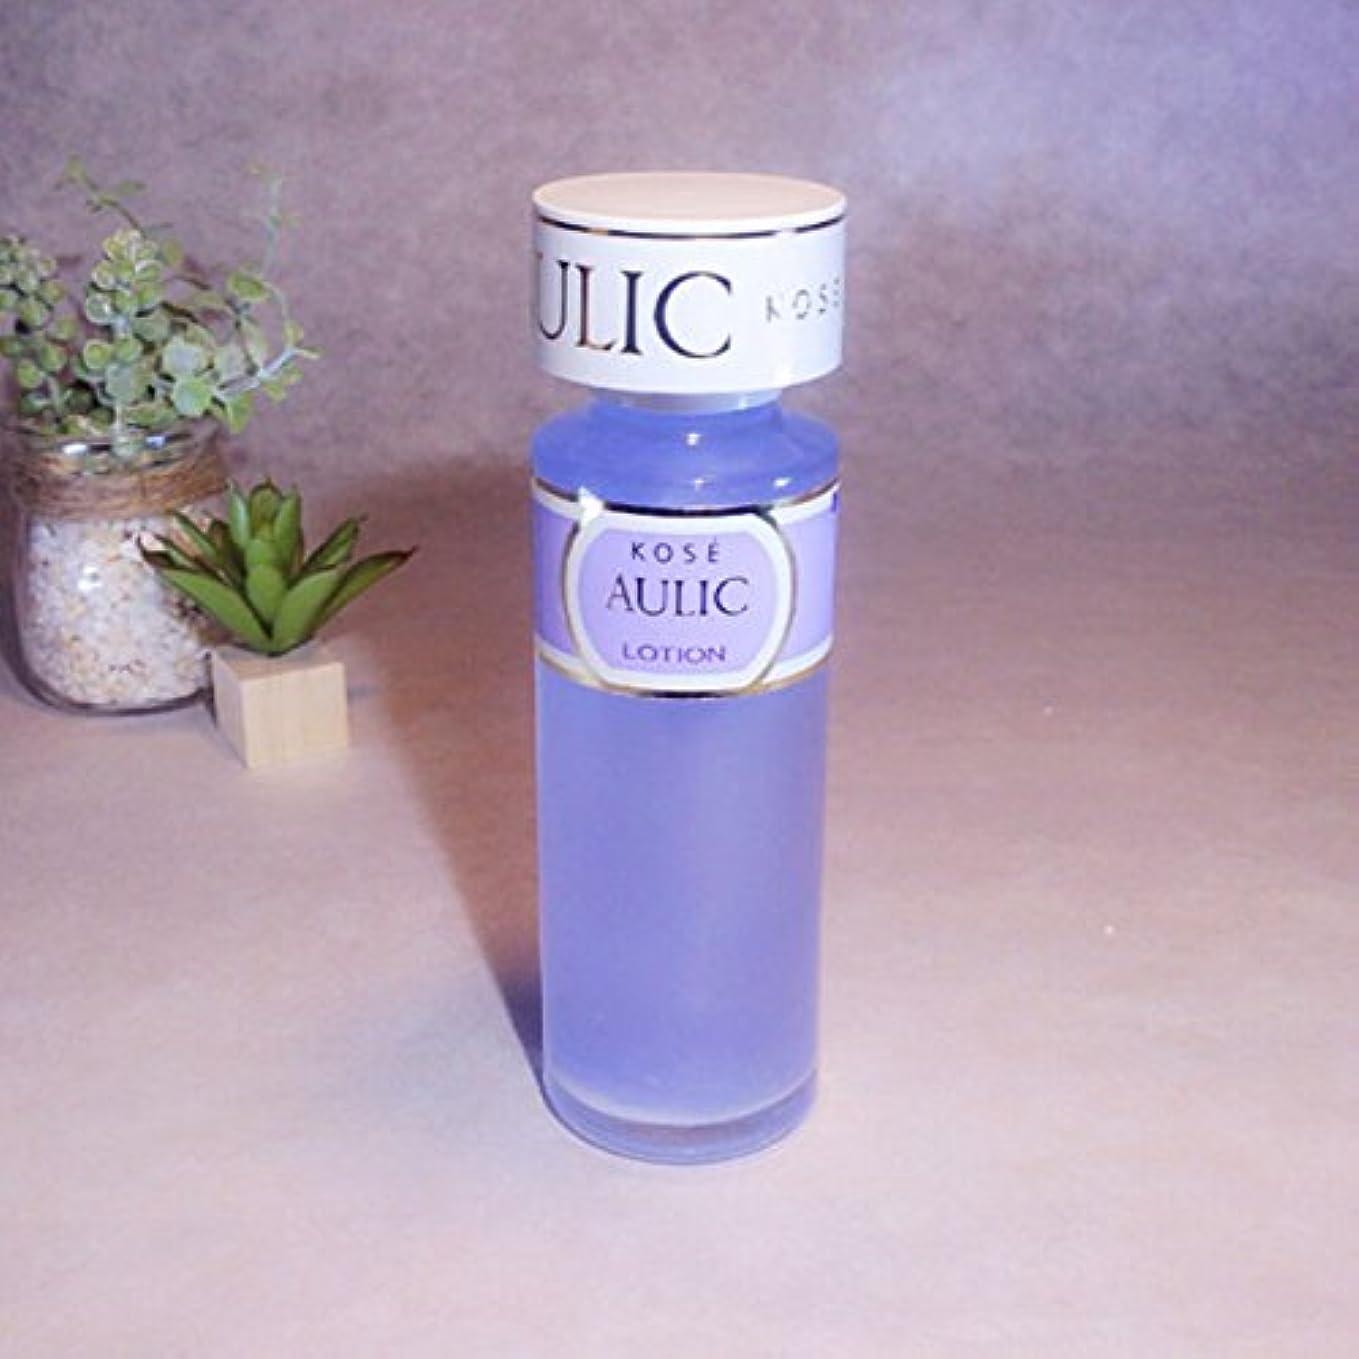 リフト船酔い眠りコーセー オーリック 化粧水(アレ性用) 140ml